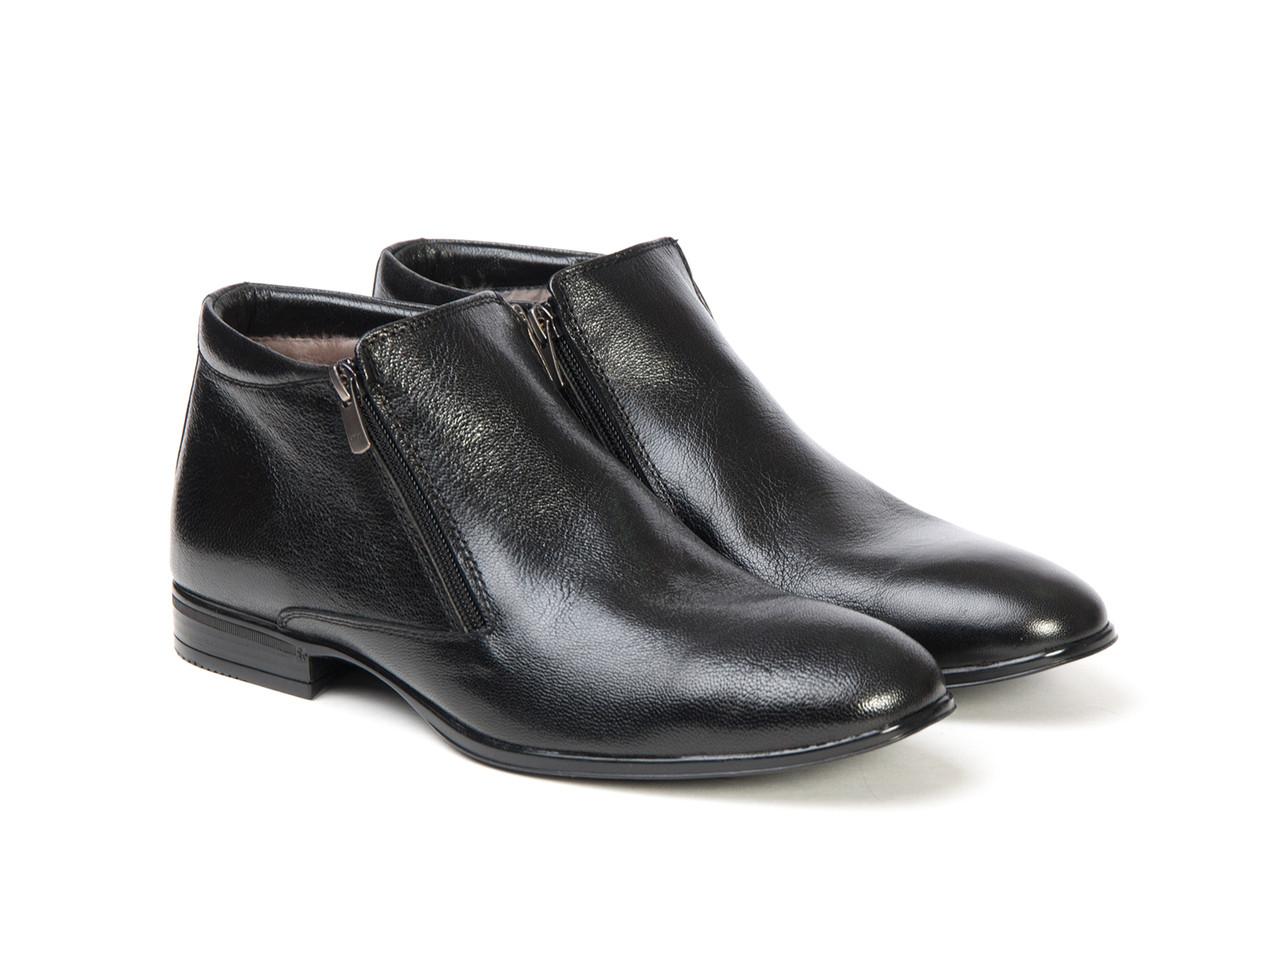 Ботинки Etor 12317-890 черные